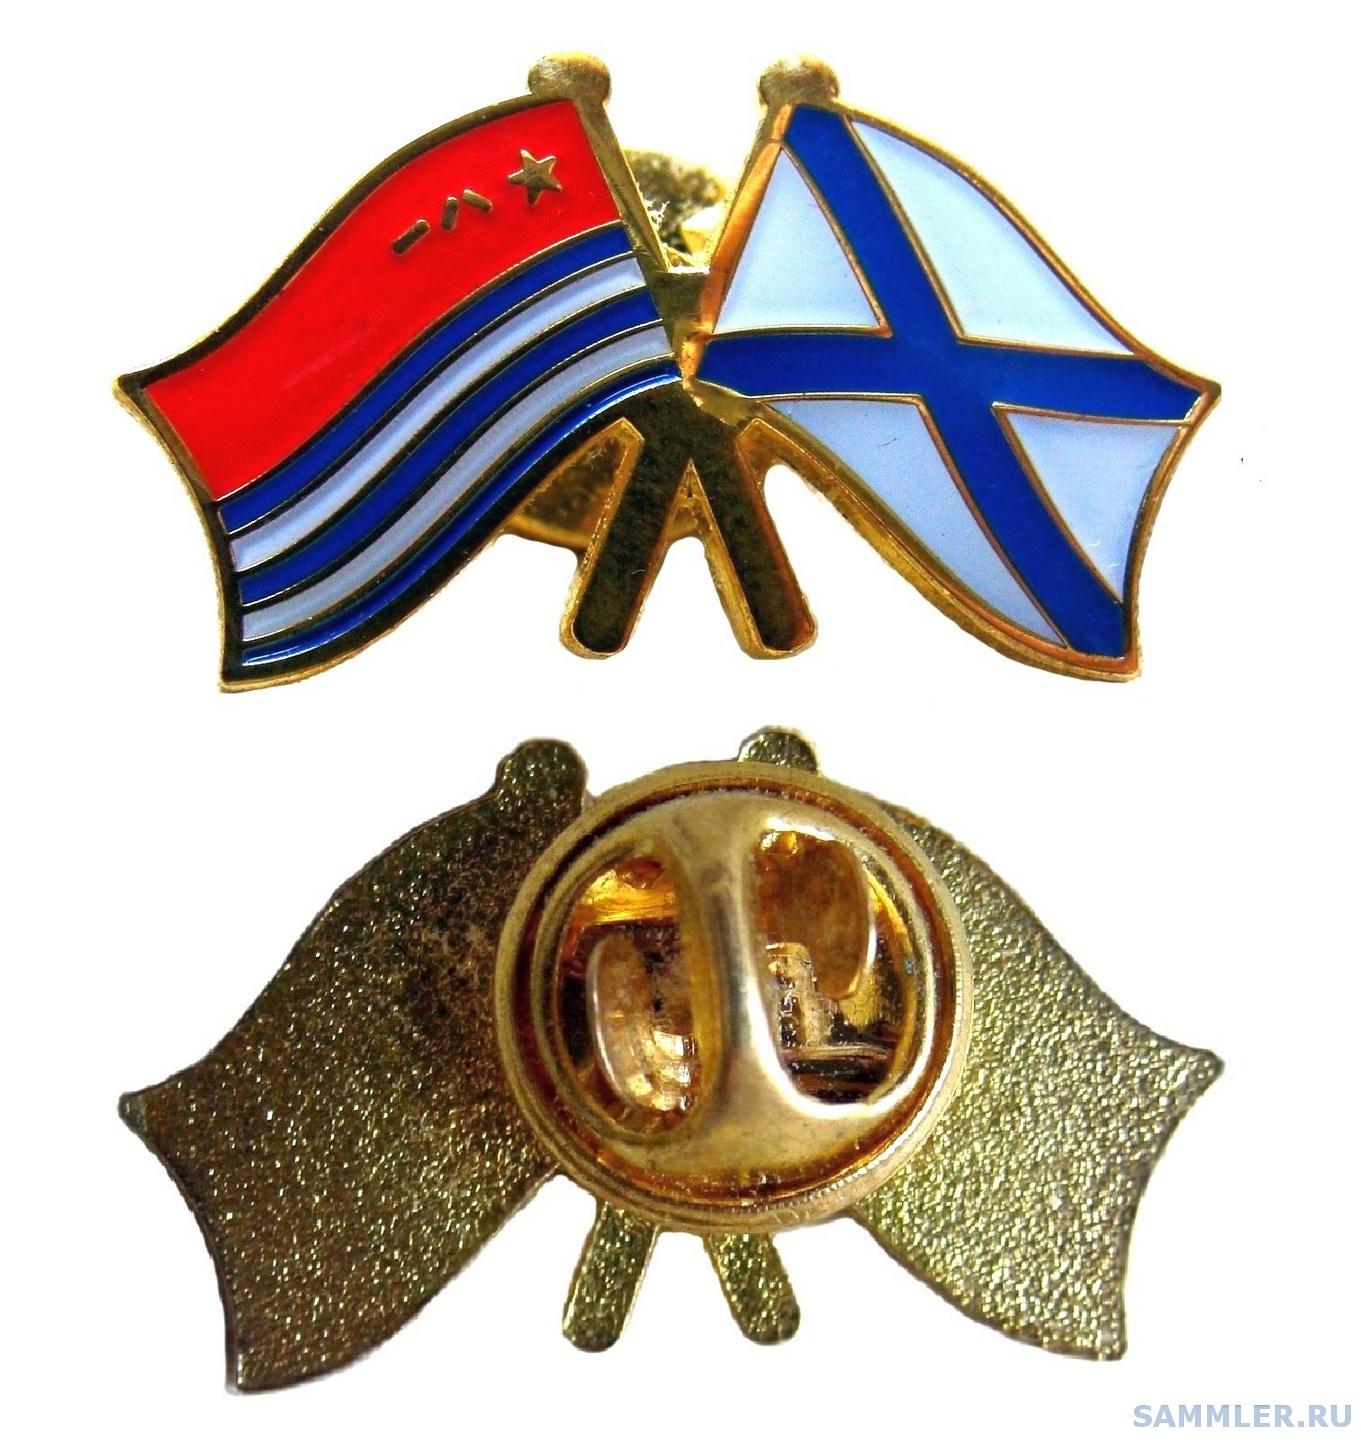 Знак Морское взаимодействие флаги ВМС РФ и КНР #163847.jpg